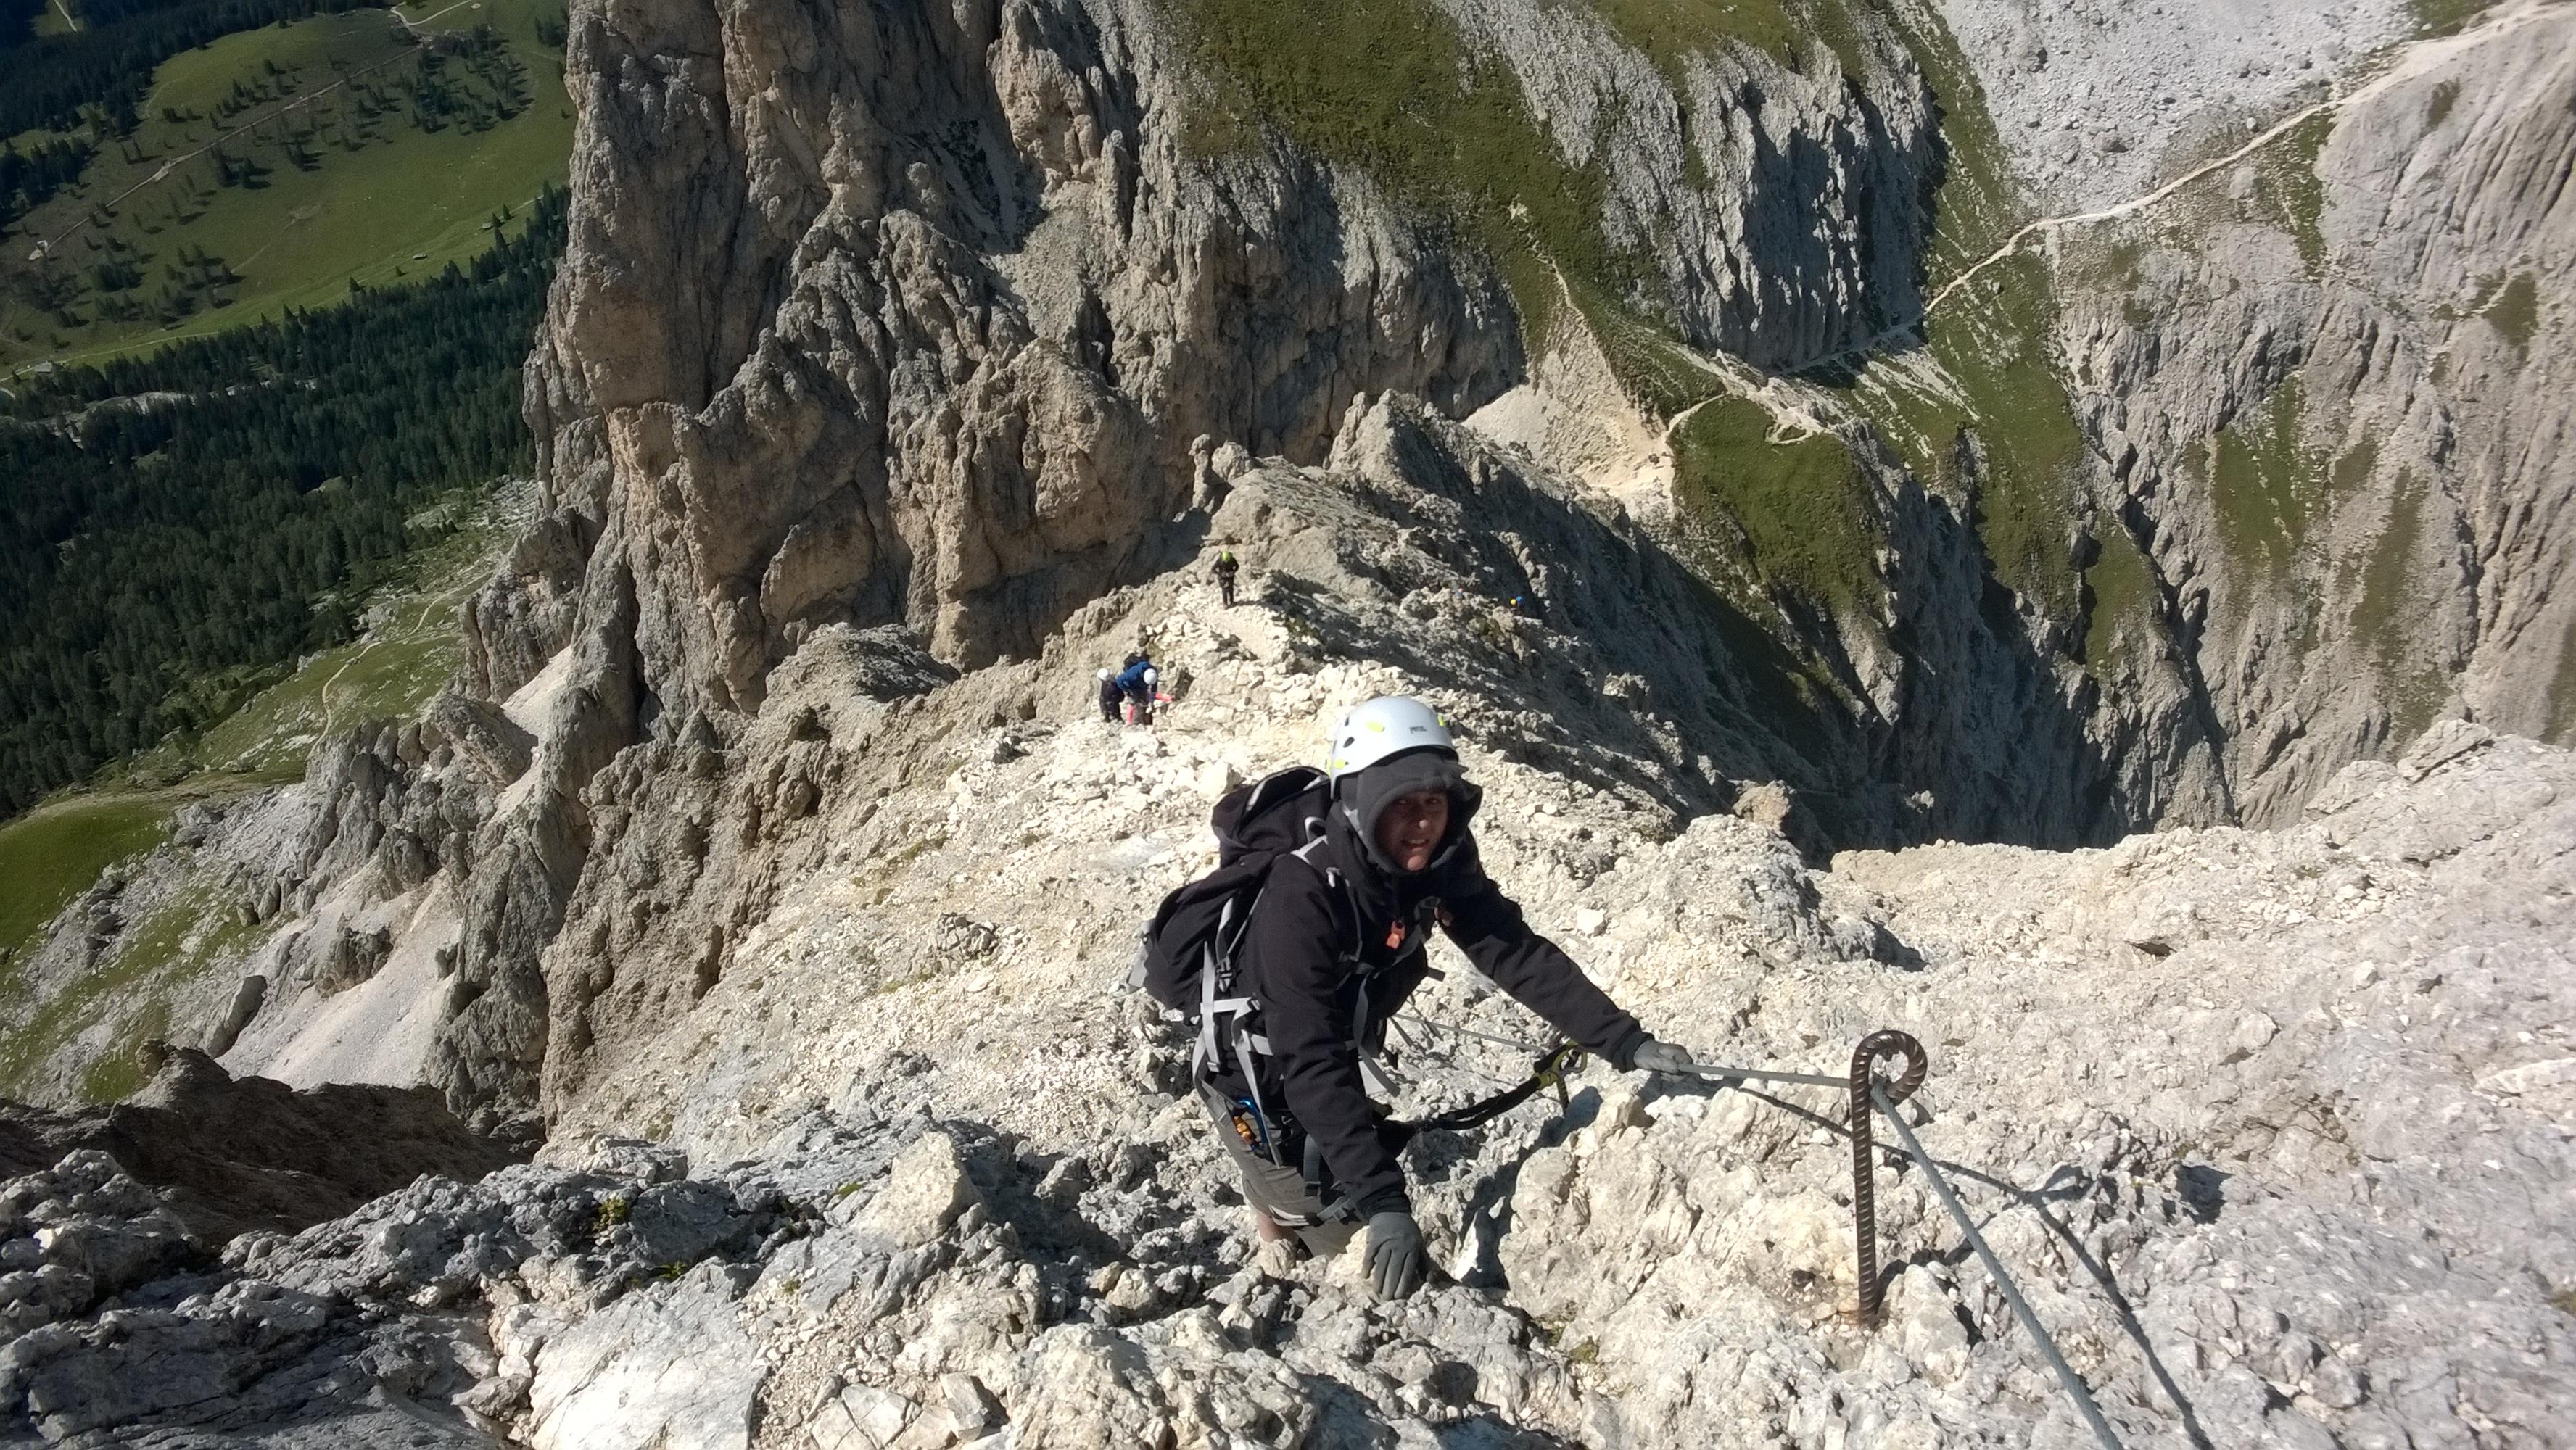 Klettersteig Rosengarten : Die klettersteige masaré und rotwand im rosengarten b c patruckel